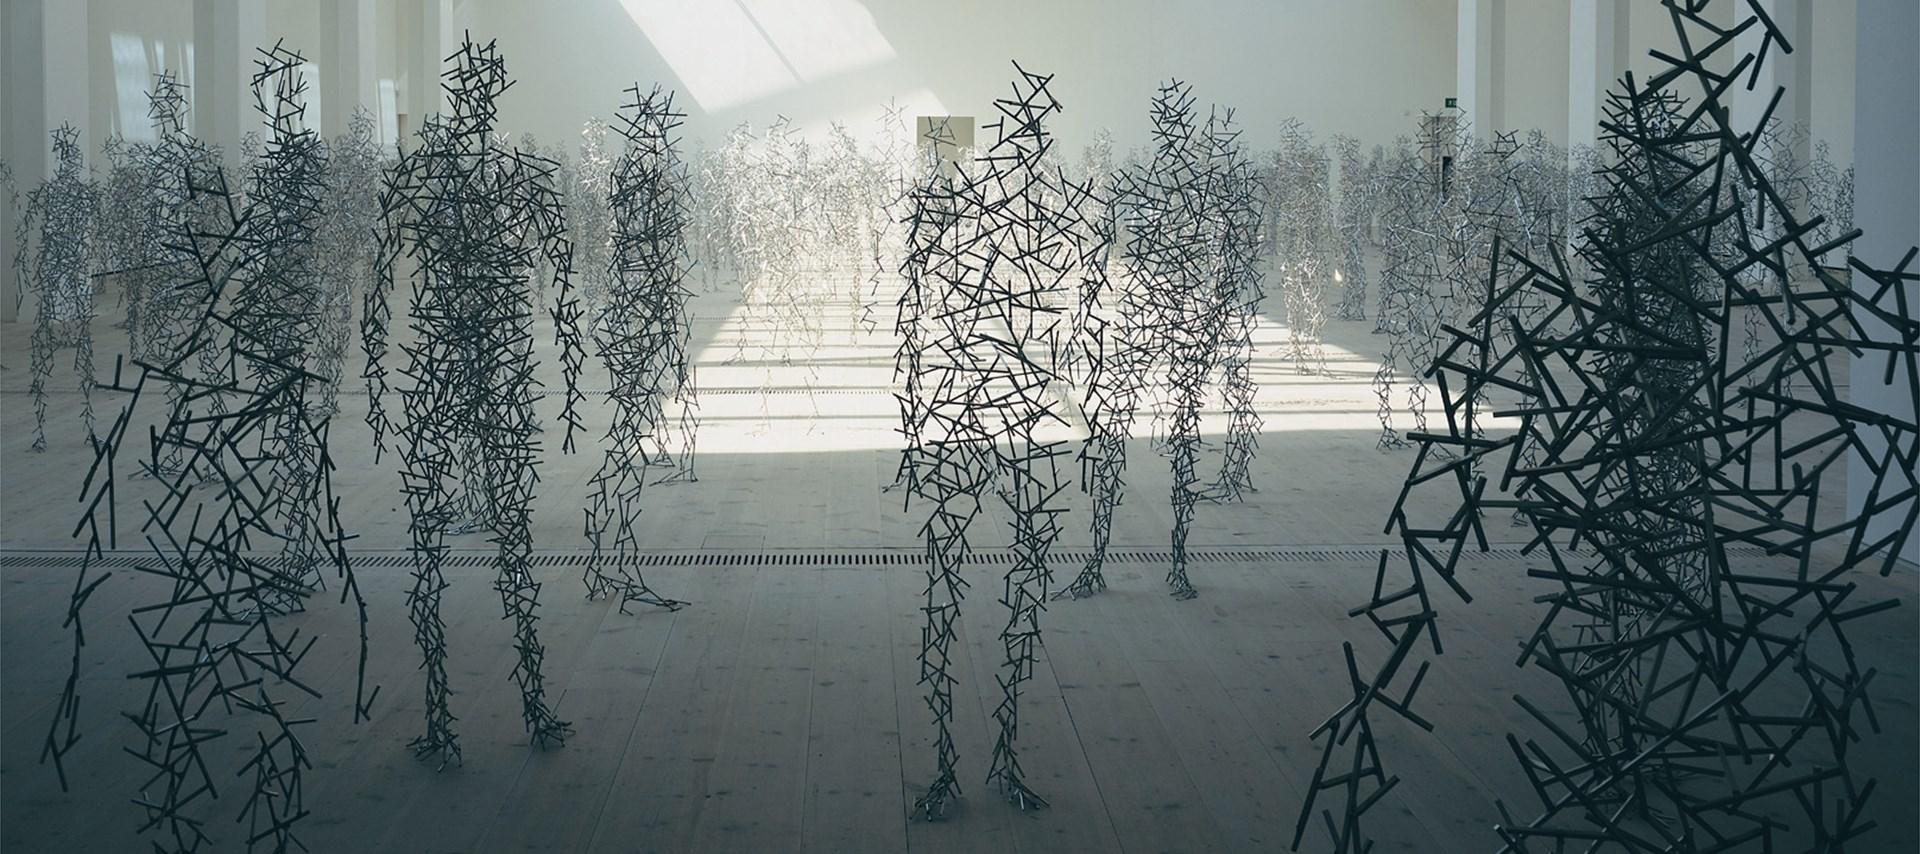 Le sculture antropomorfe di Antony Gormley | Collater.al